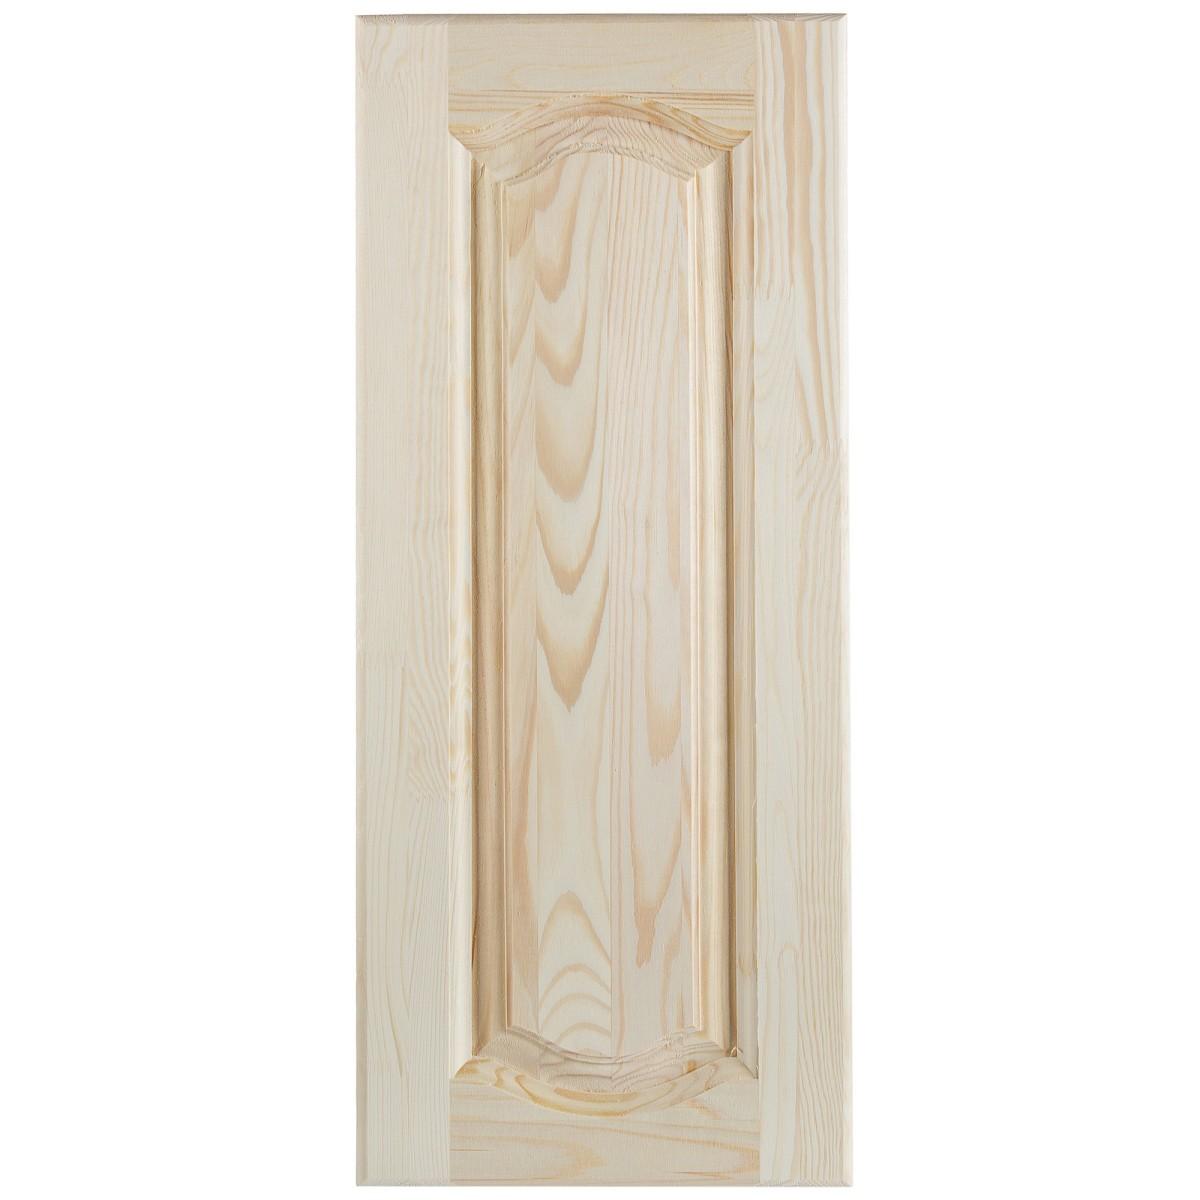 Фасад шкафа хвоя 716х296х18 мм глухой